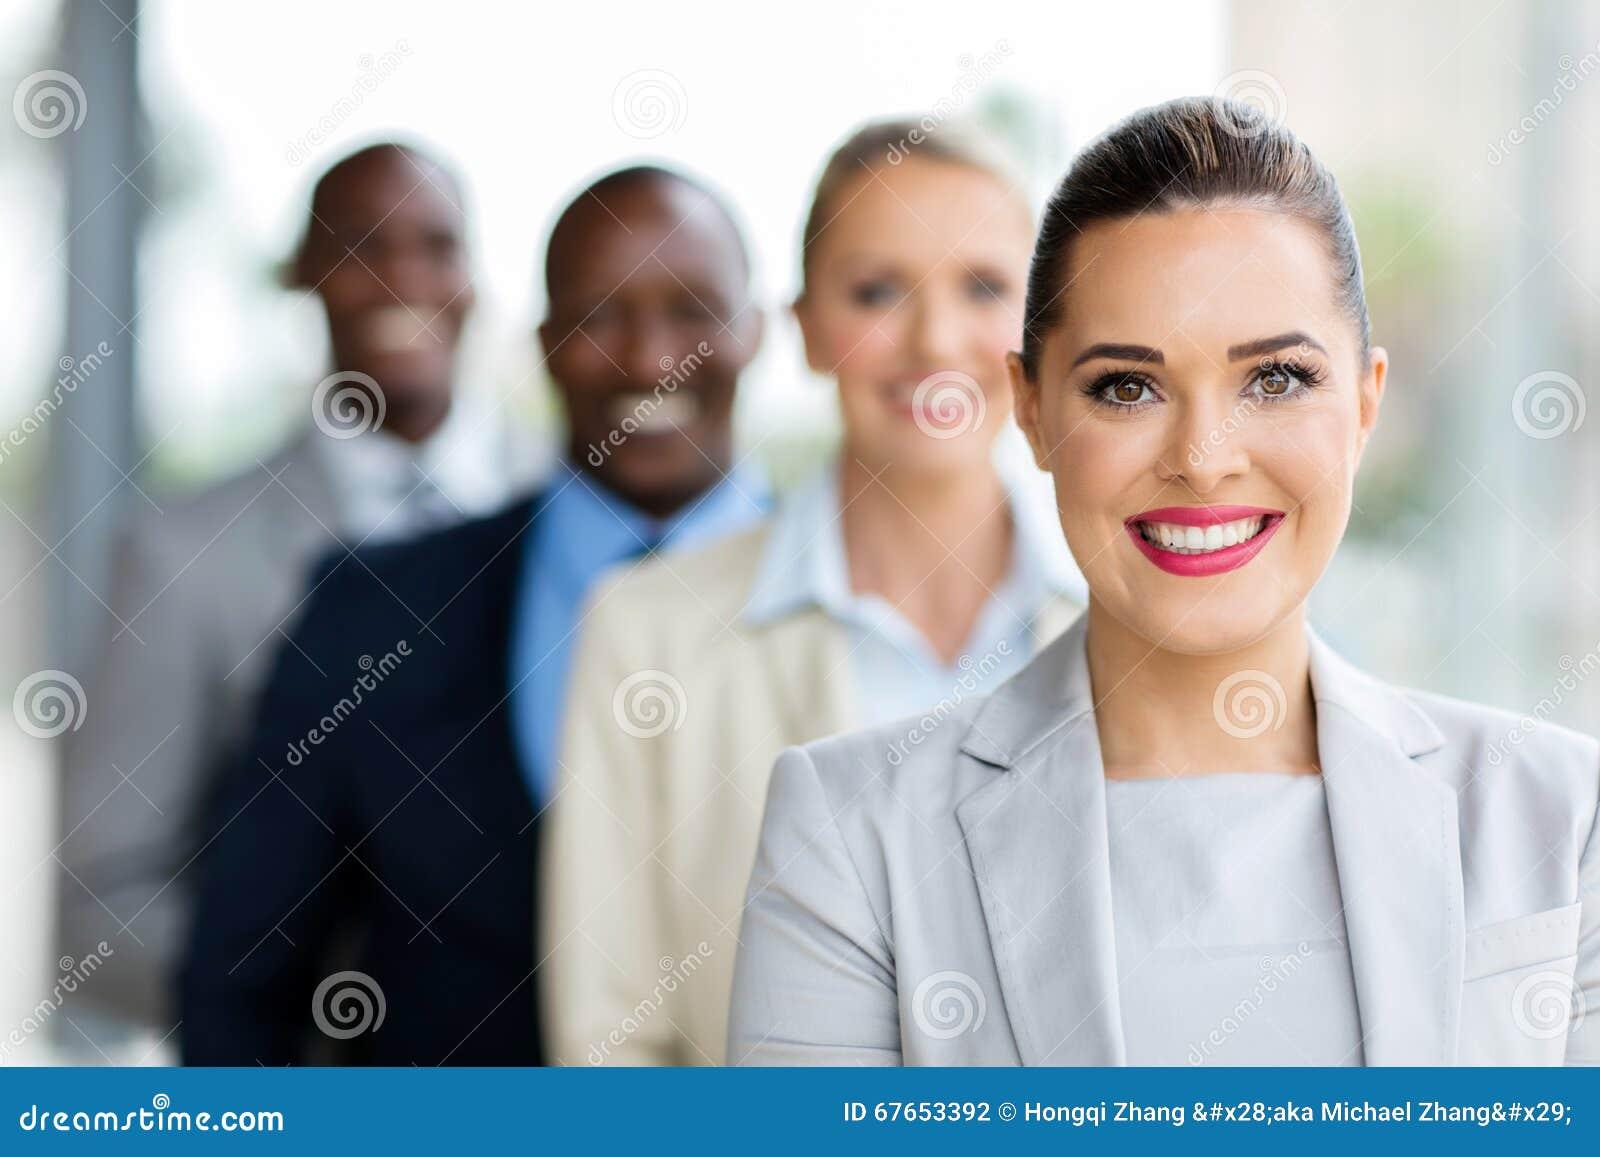 Empresaria joven en fila